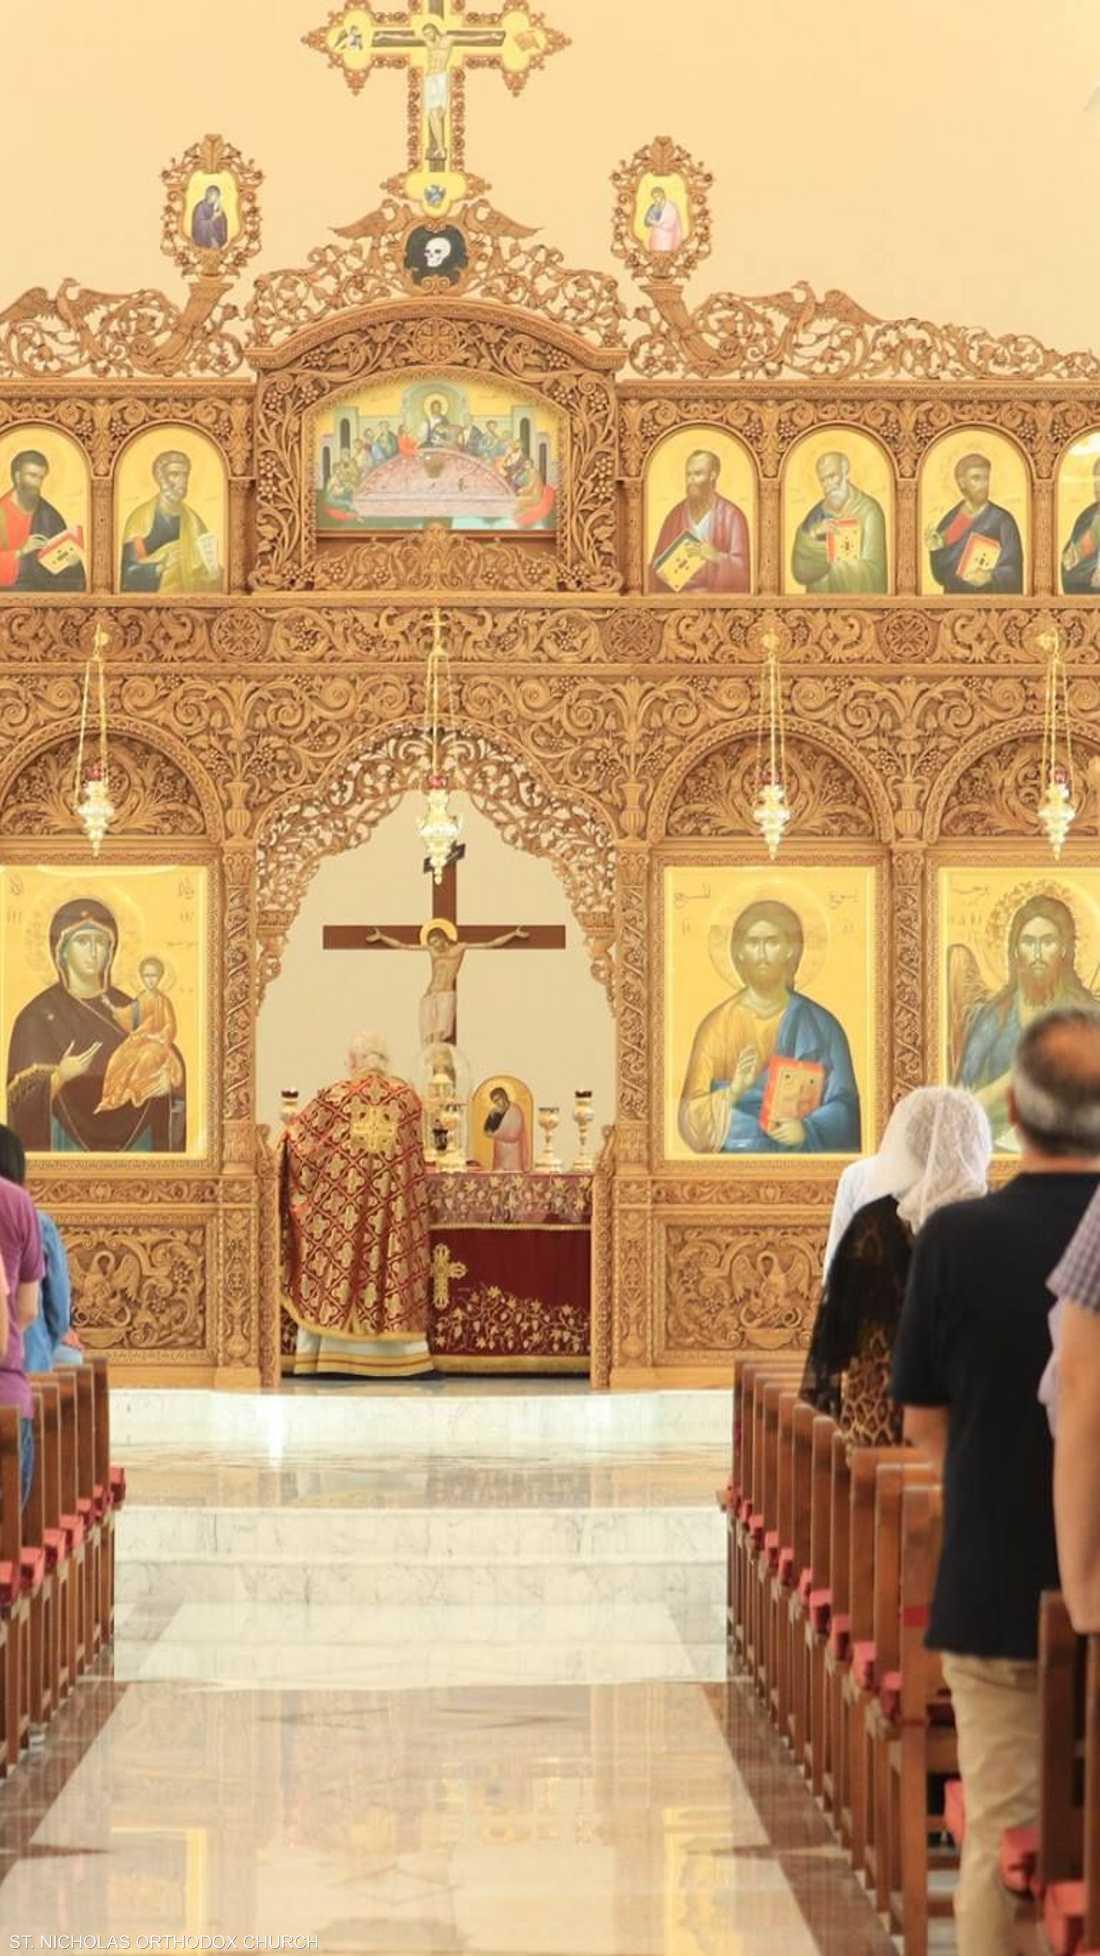 حرية الأديان من أعمدة دولة الإمارات